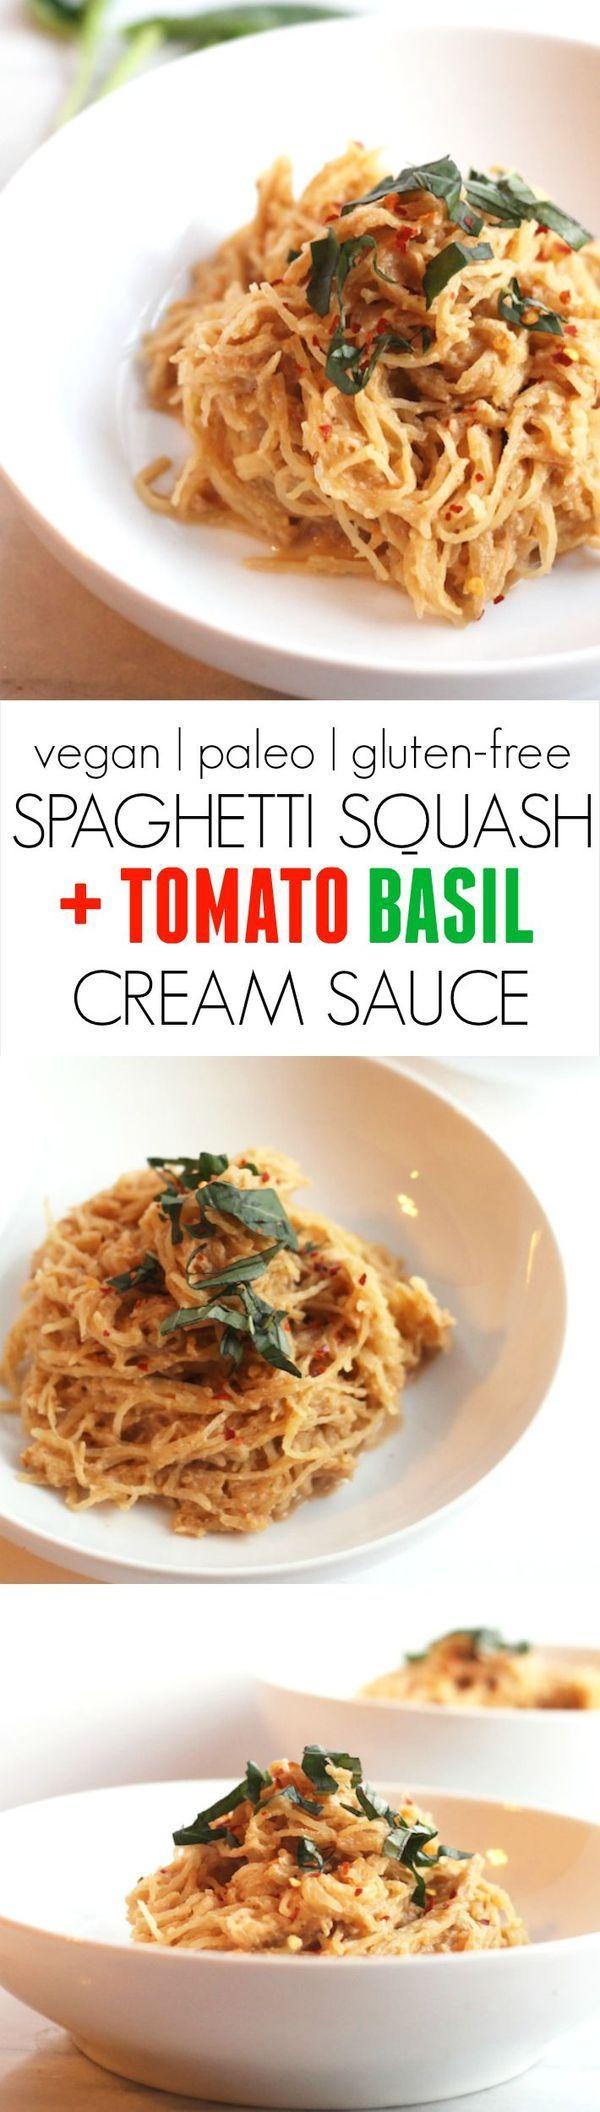 spaghettisquashpin